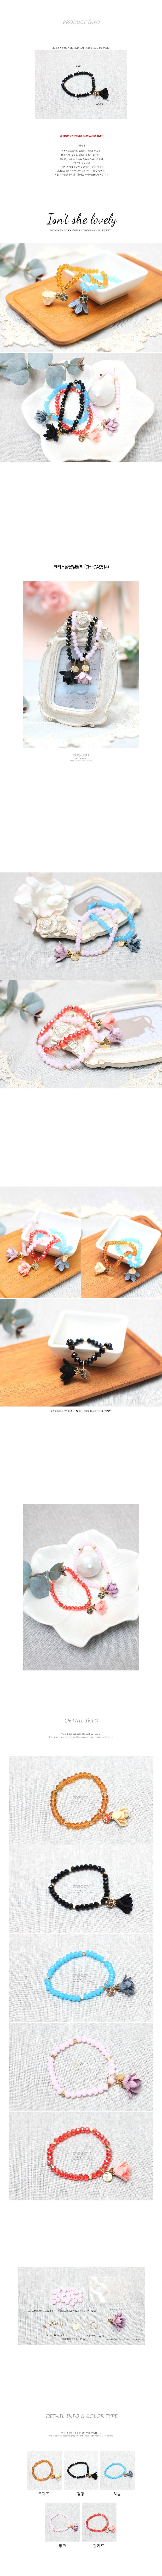 크리스탈꽃잎팔찌 (DIY-DAS514) - 엔소엔, 6,000원, 리본공예, 리본공예 패키지